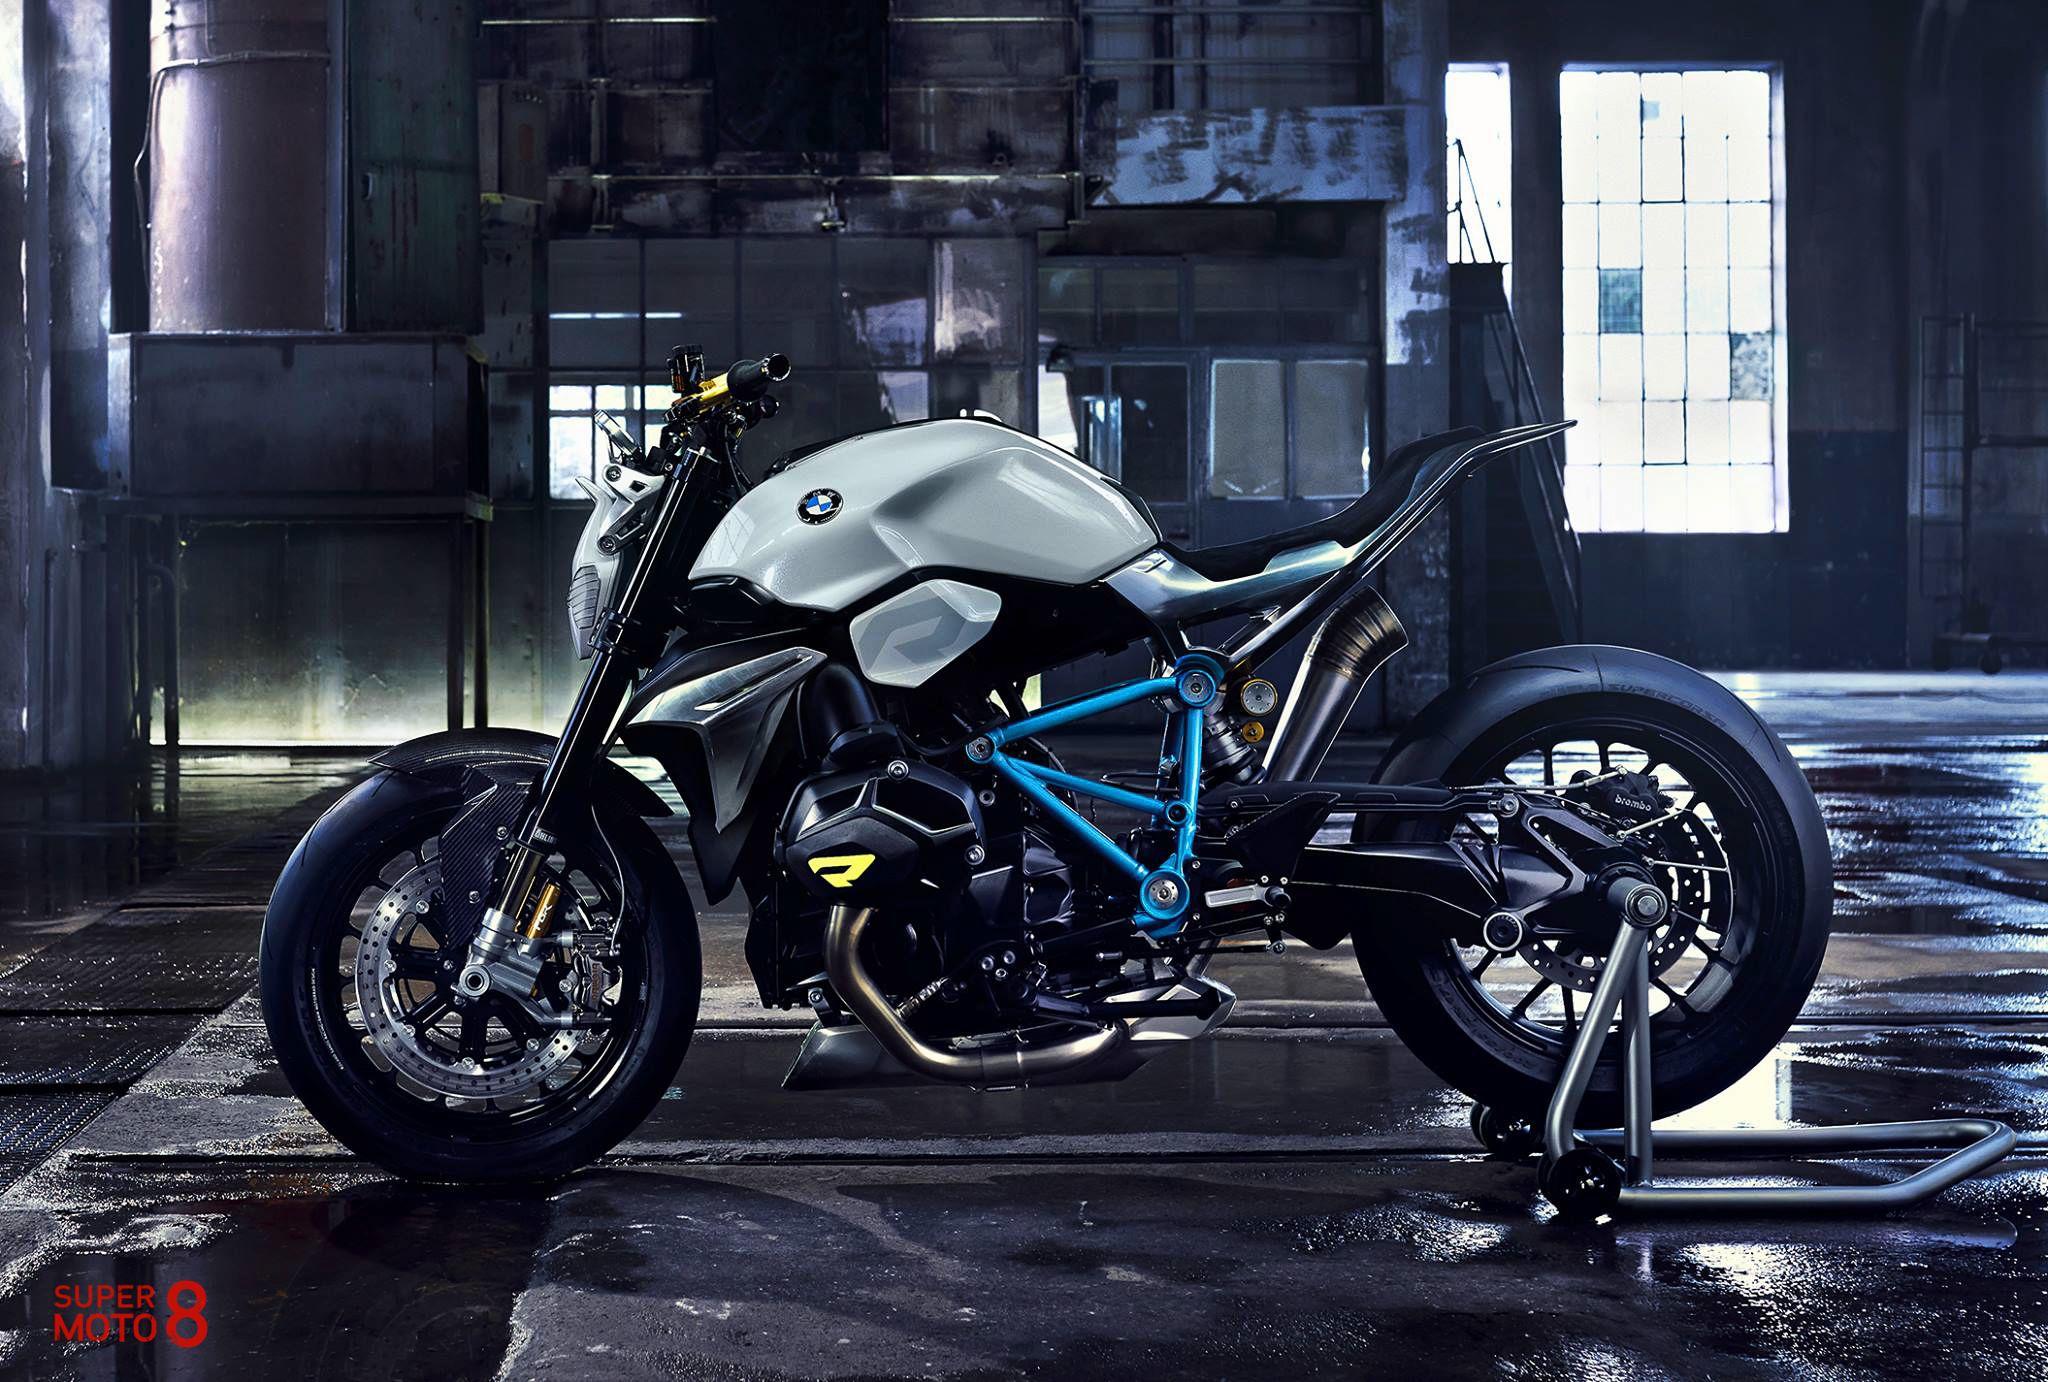 近日於意大利科莫湖畔舉行的車展上,BMW展出了全新概念車Concept Roadster。前衛的設計、俐落的線條,一台科幻片與遊戲中才會出現的車現身眼前。